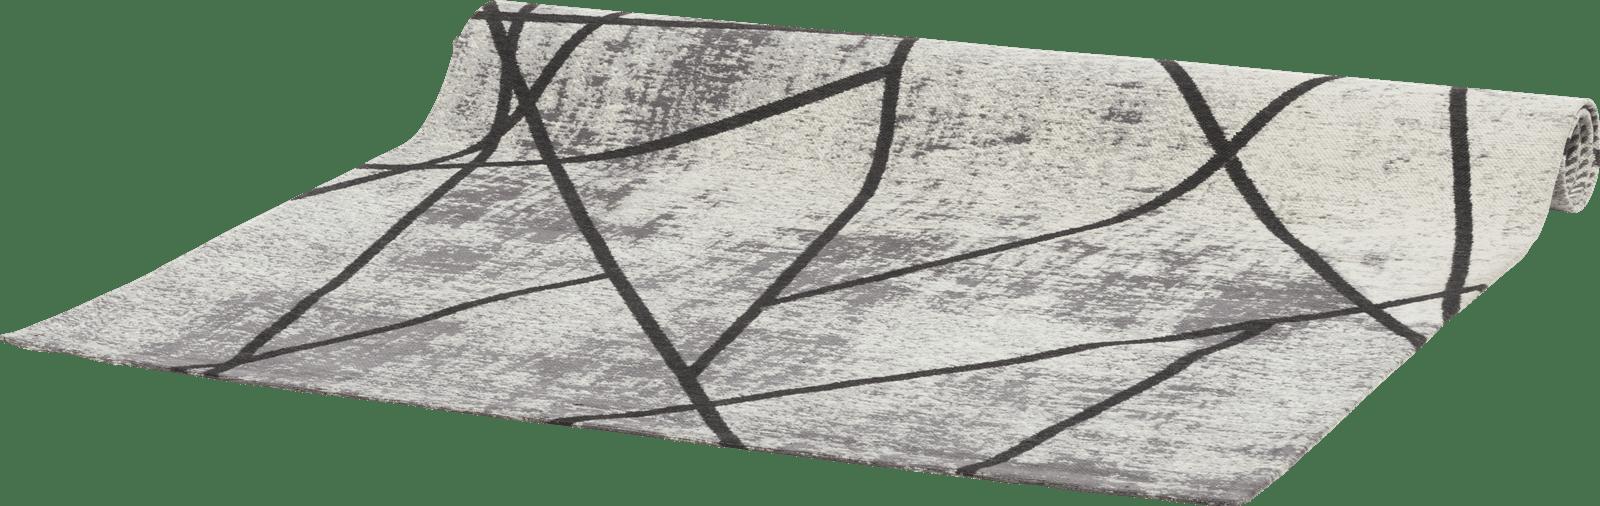 Coco Maison - karpet goulburn - 160 x 230 cm